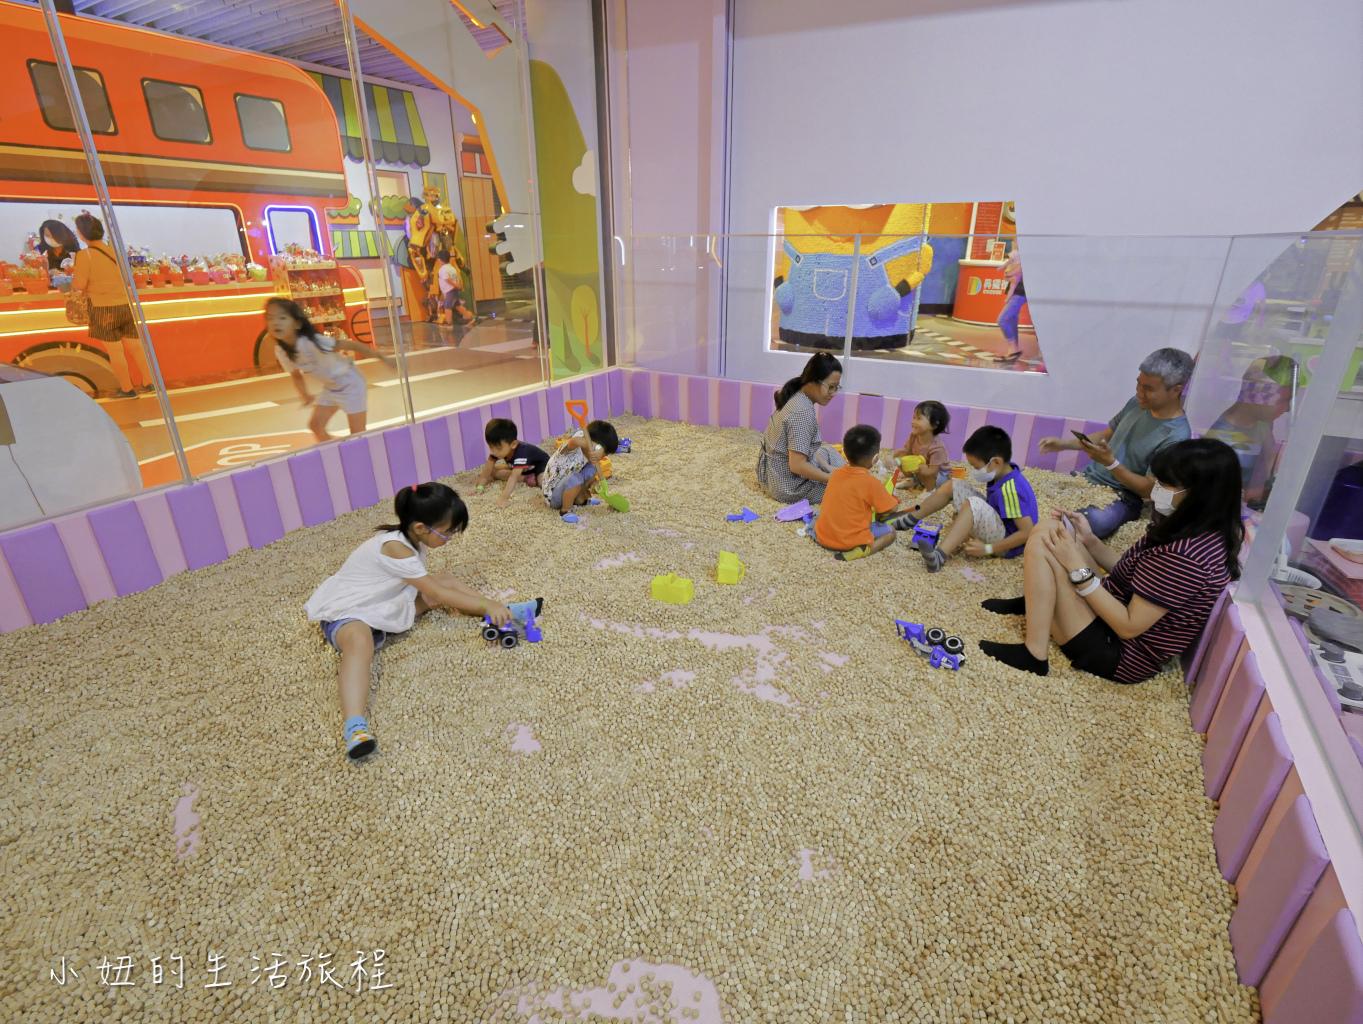 大里藝術廣場,異想新樂園-51.jpg